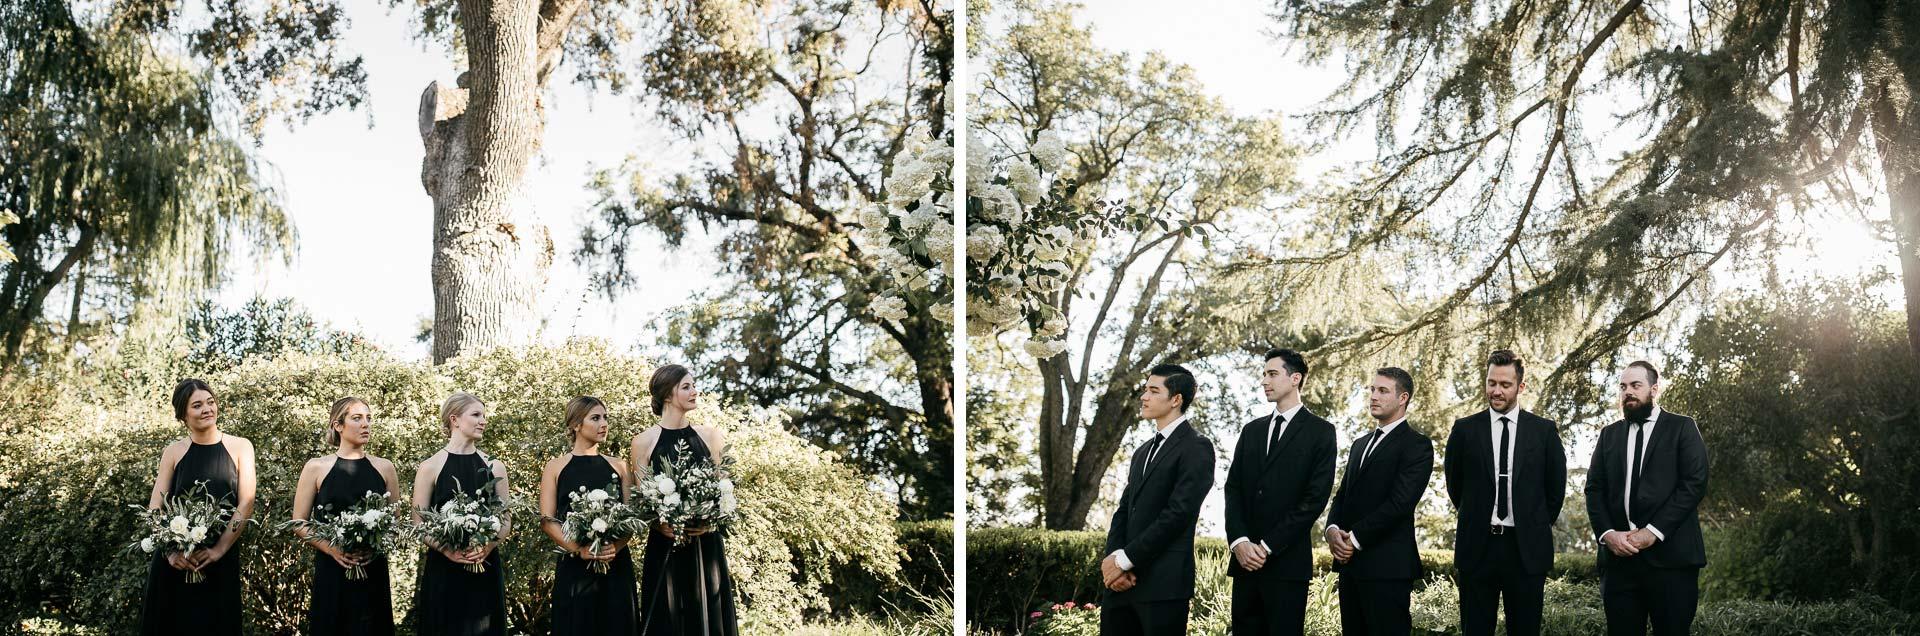 lauren_graham_wedding_california_park_winters_jeanlaurentgaudy_mix017